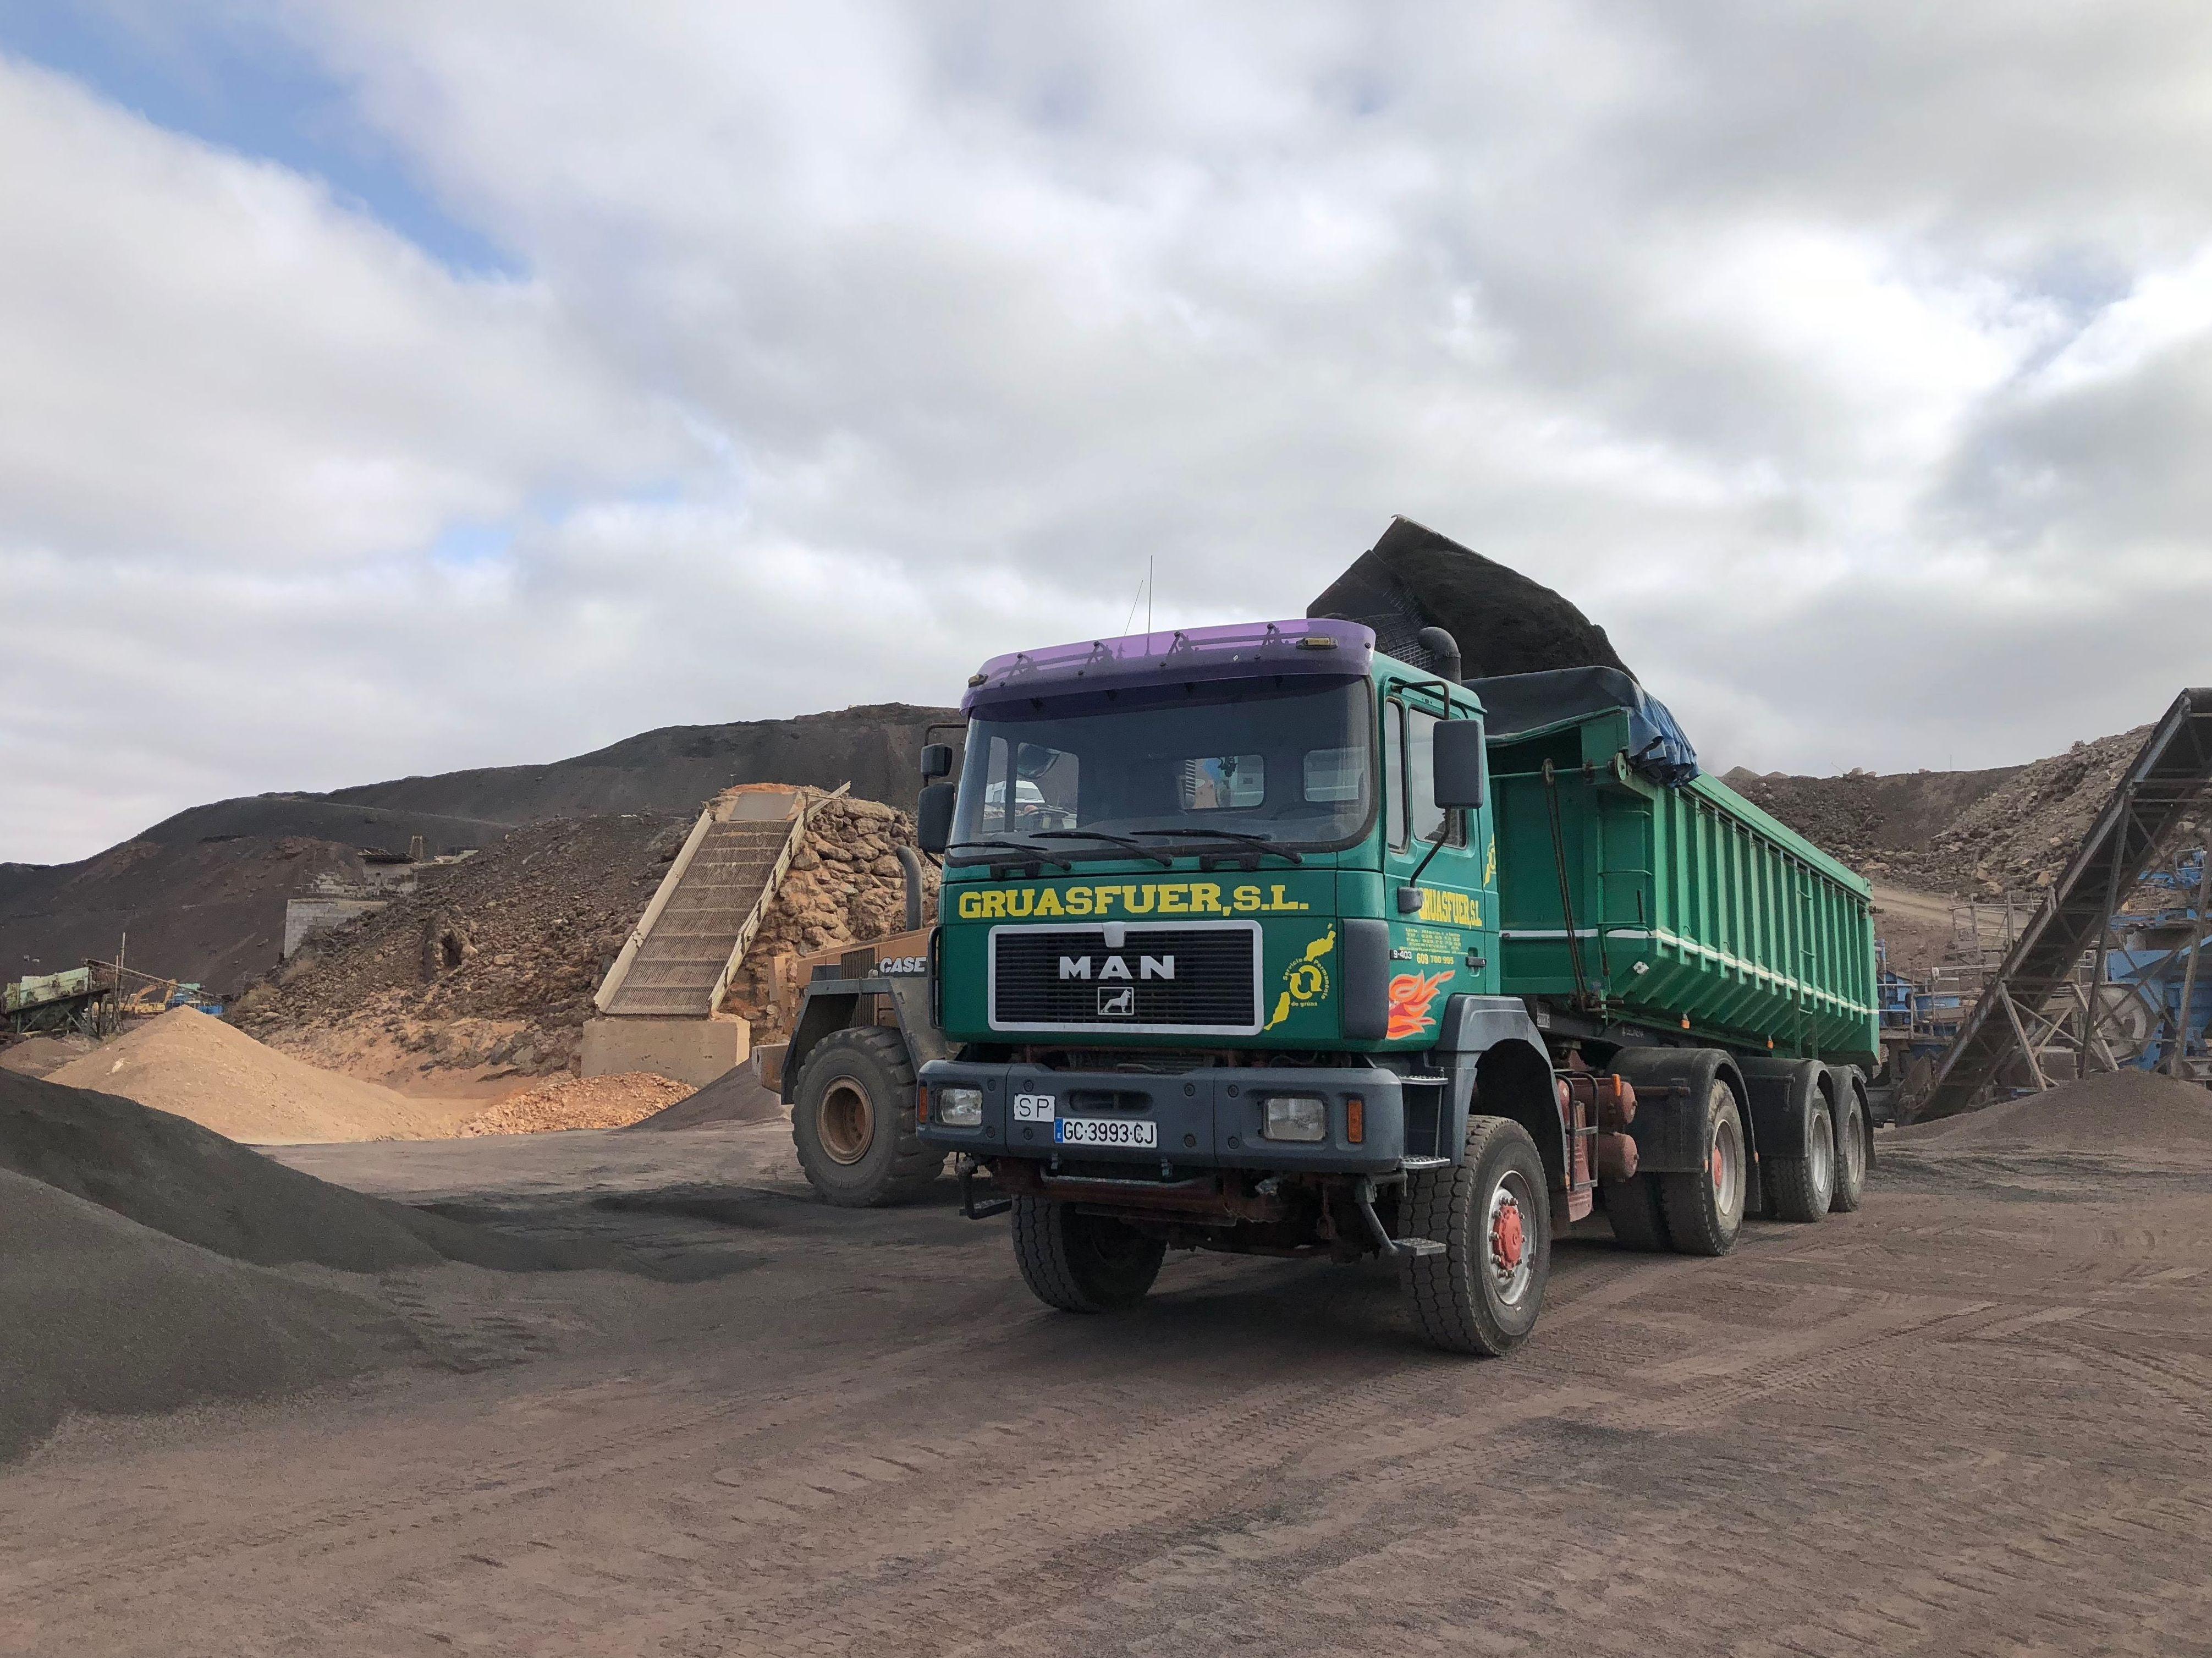 Foto 19 de Grúas y excavaciones en Puerto del Rosario | Grúasfuer S.L.